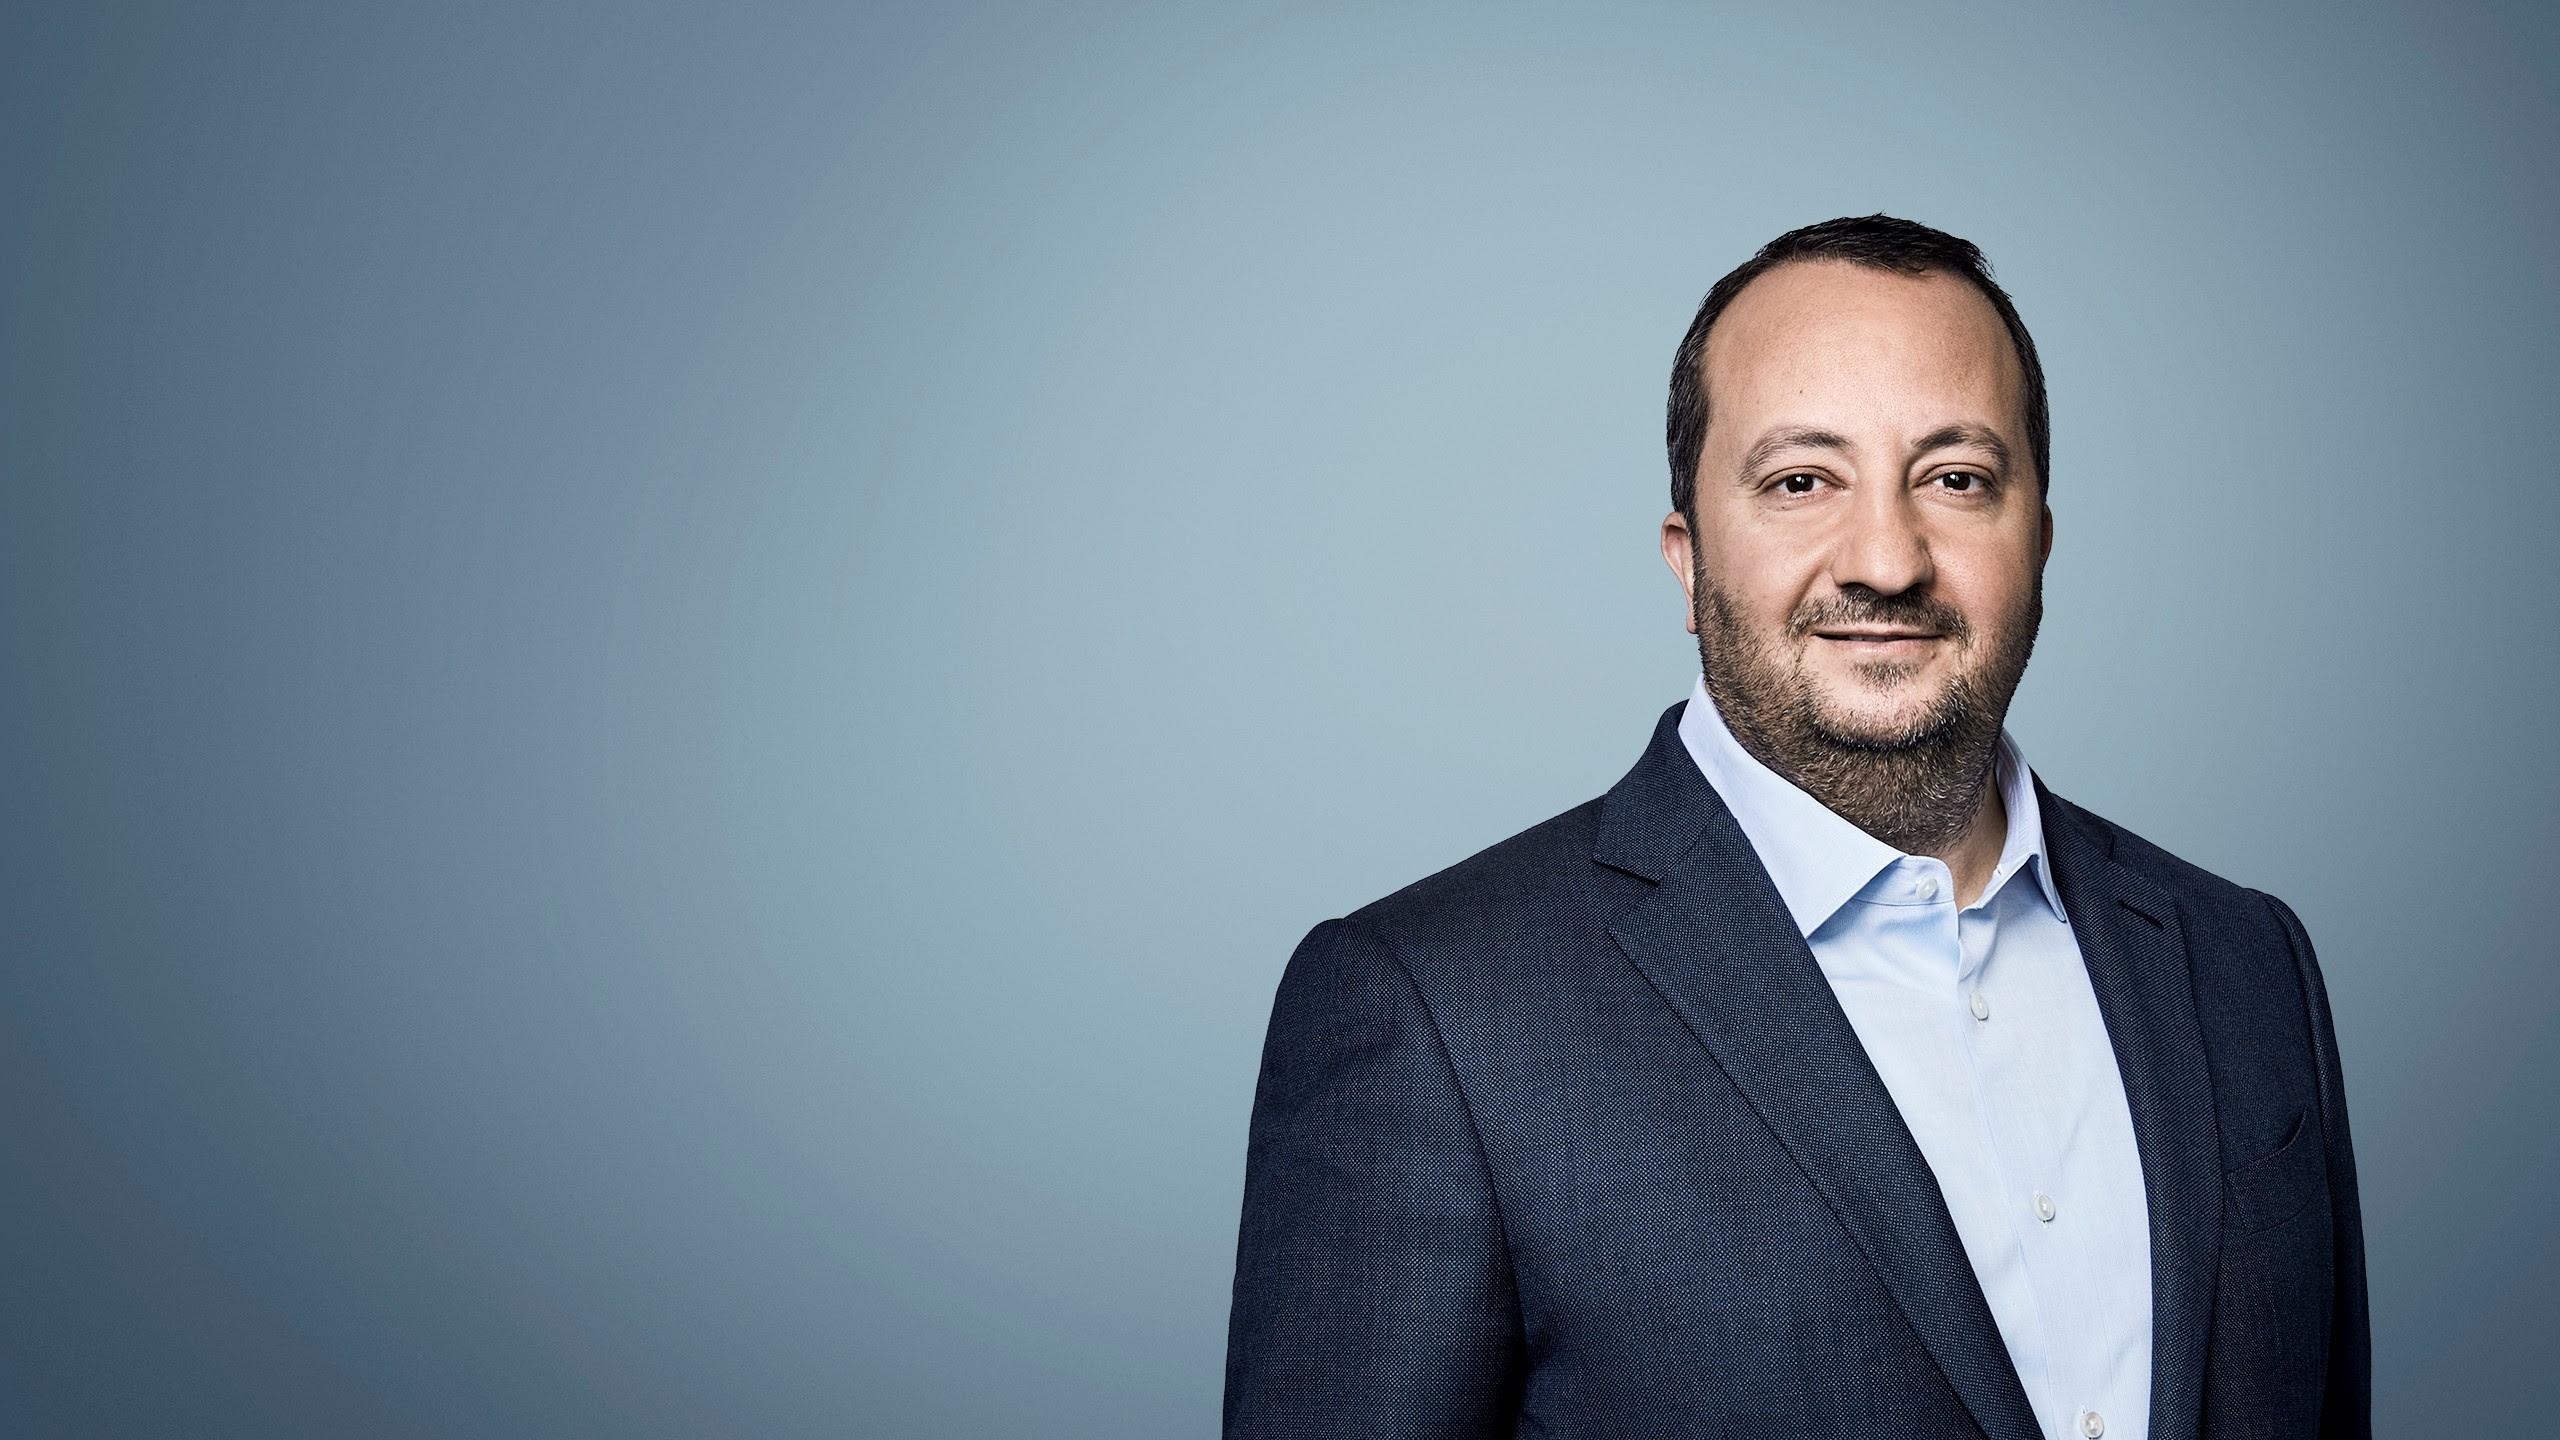 Bajo la dirección de Rani Raad CNN Worldwide unifica su estrategia comercial global